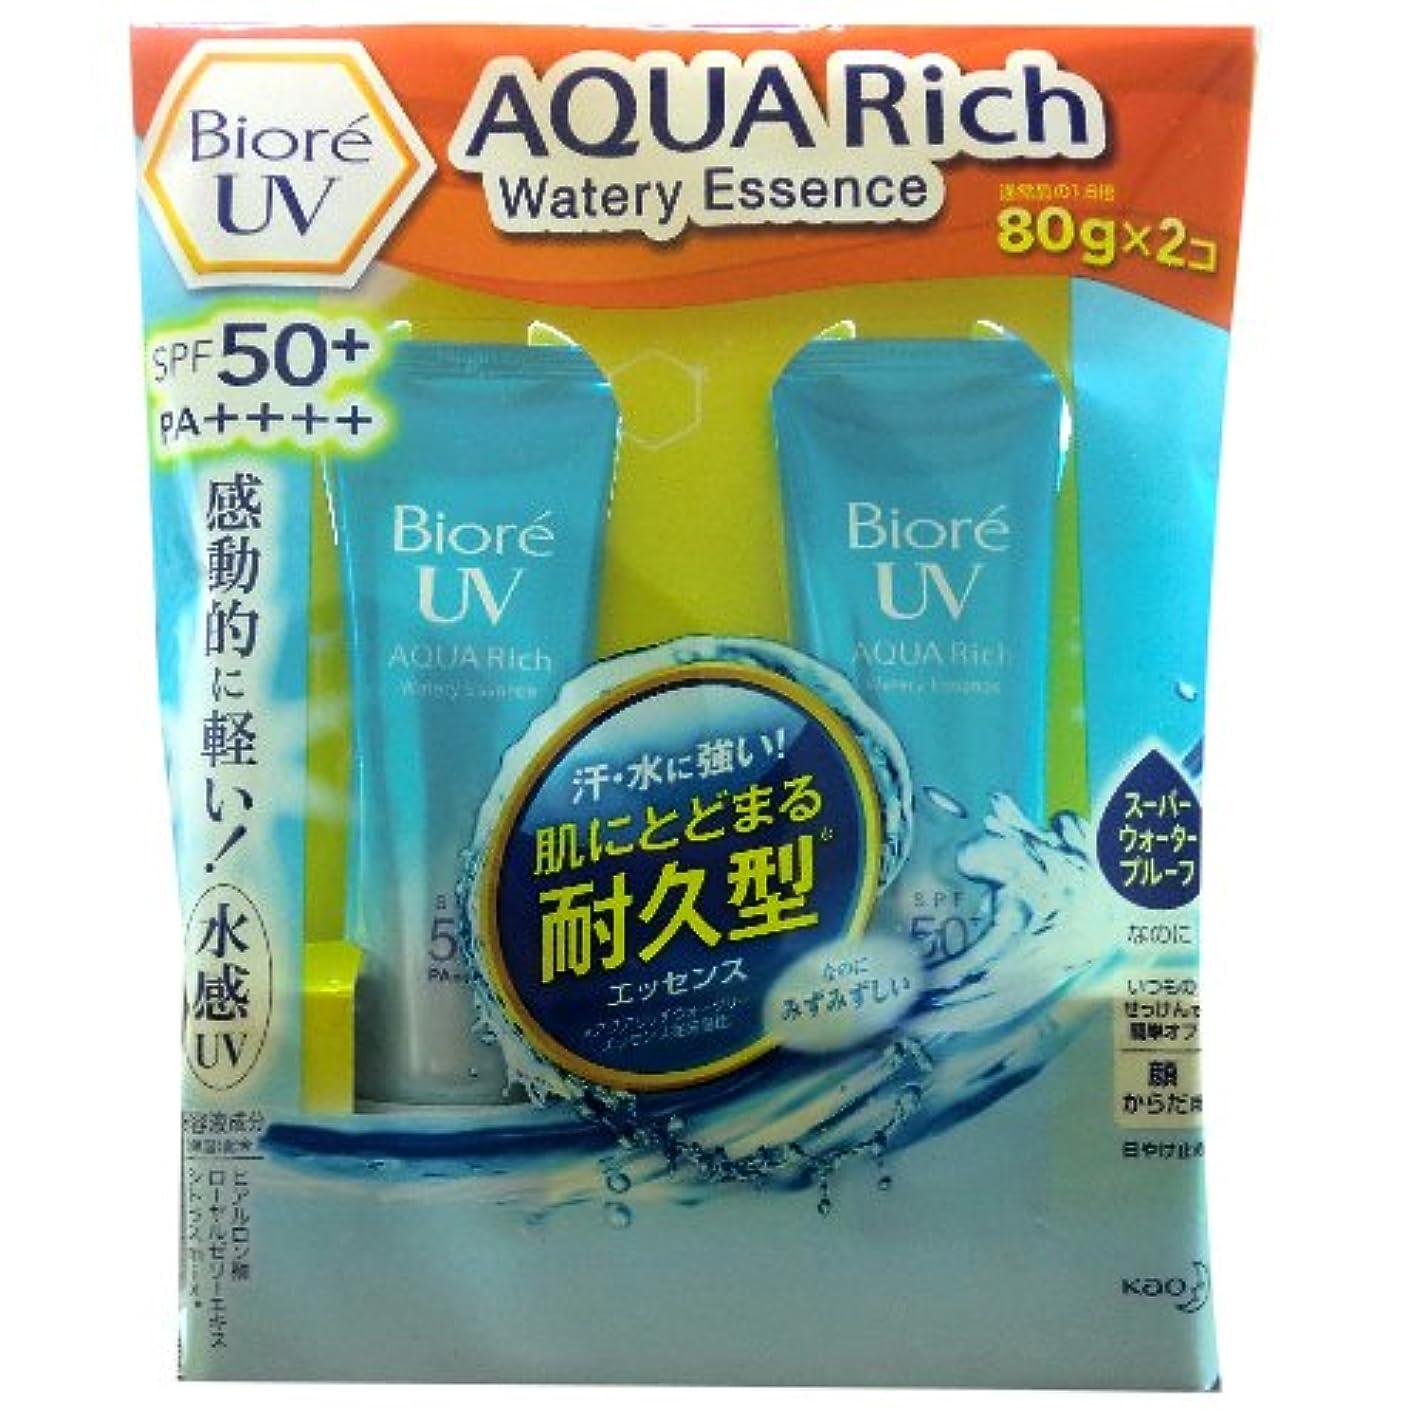 ユニークな土器考えたBiore UV AQUA Rich Watery Essence 80g×2コ